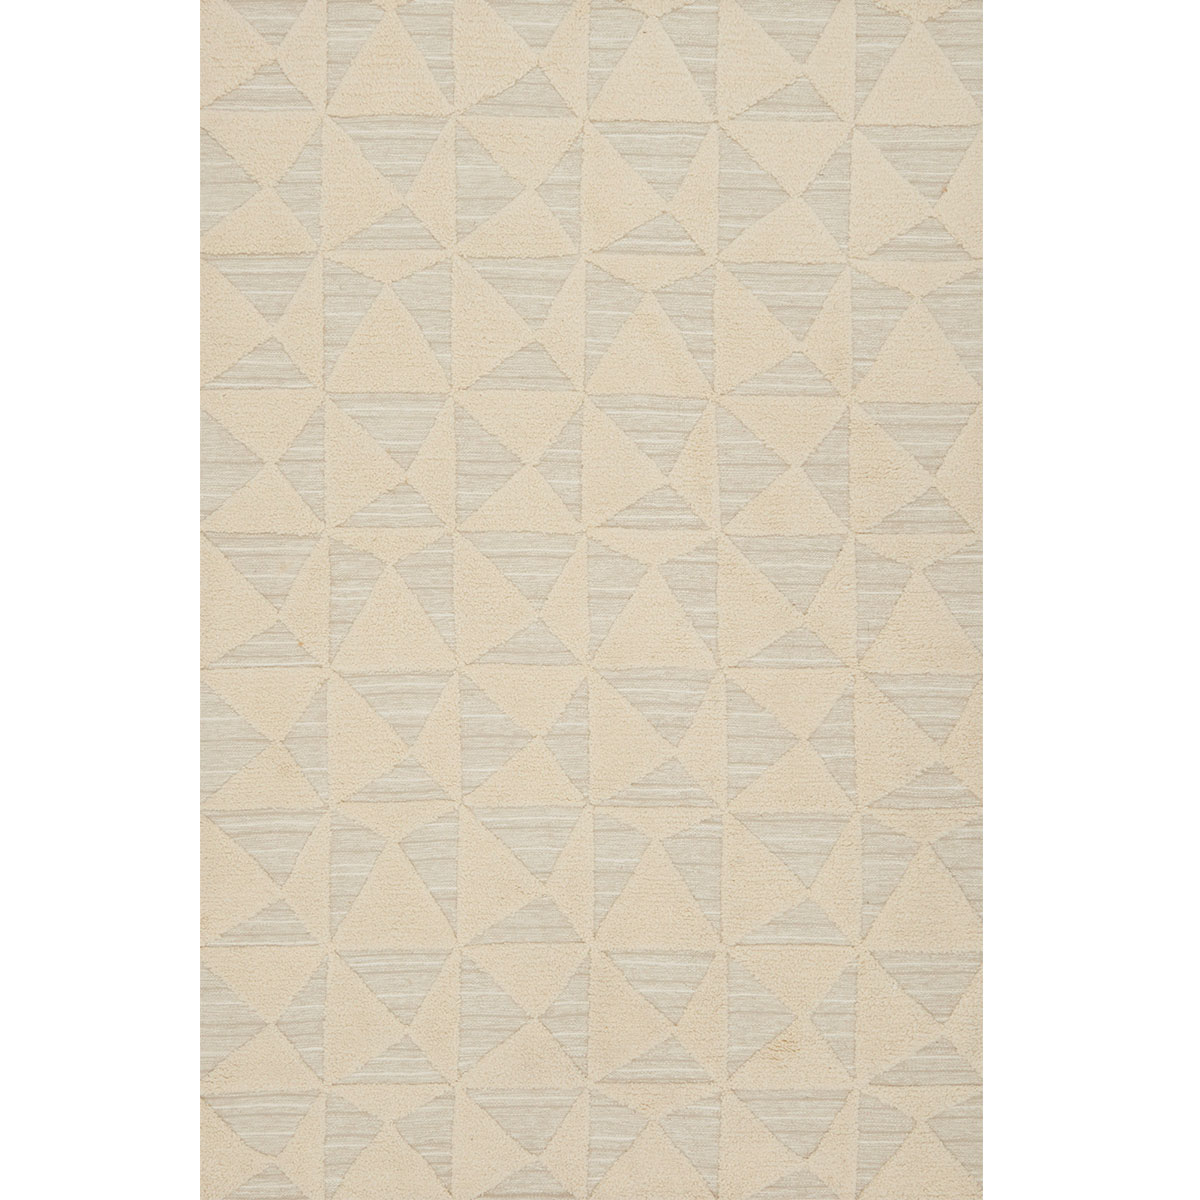 gerrits_wool_mixed-texture_patterson-flynn-martin_pfm